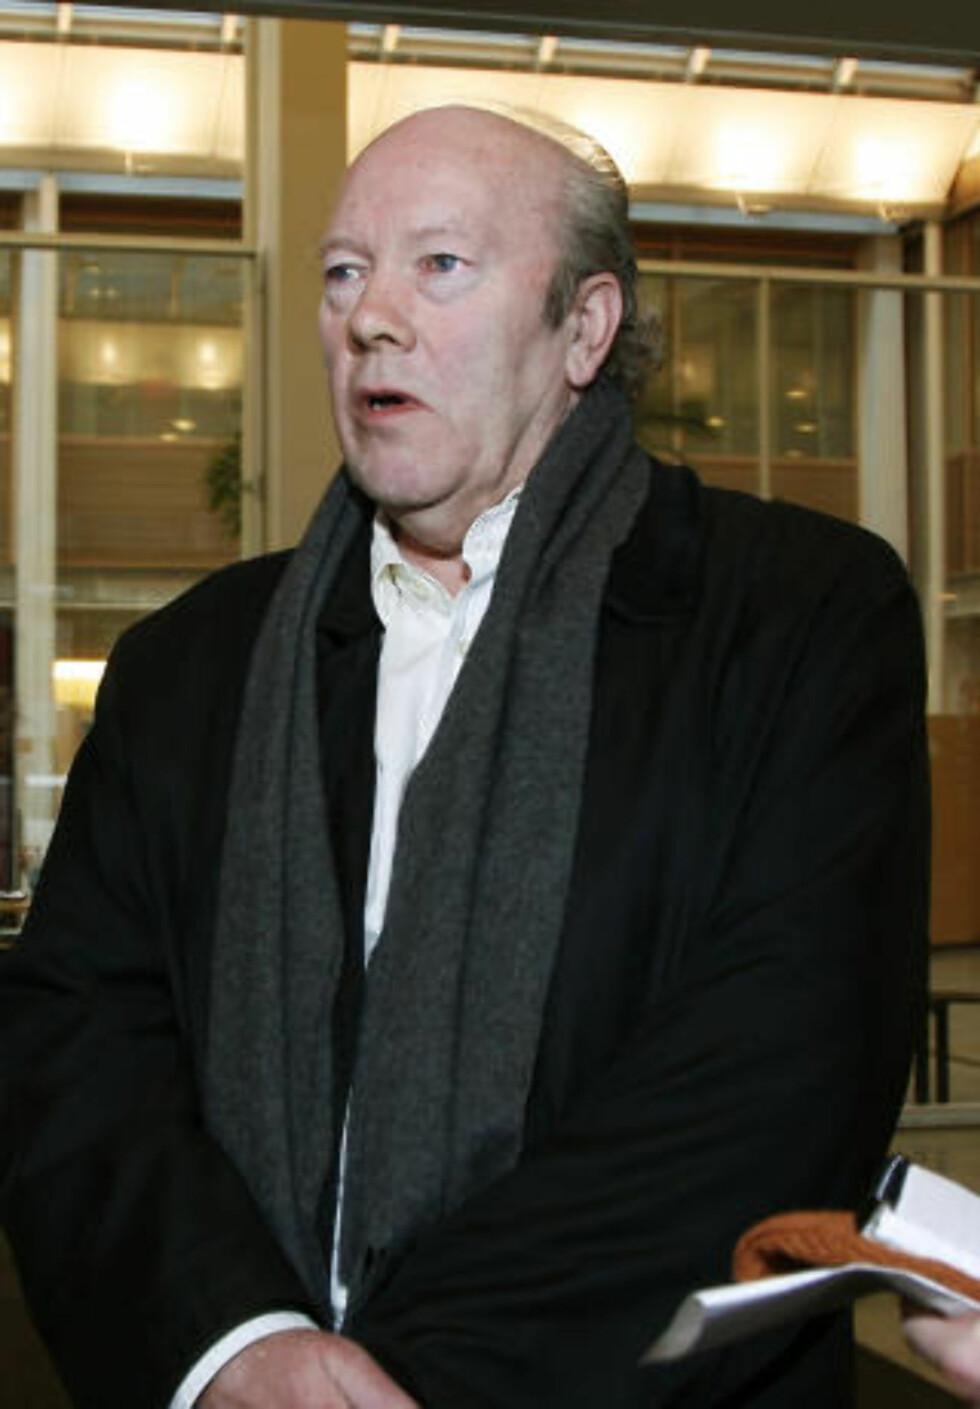 <strong>FORNØYD:</strong>  - Dagens ordning er utmerket, mener Nils Øy, generalsekretær i Redaktørforeningen. Foto: Steinar Buholm